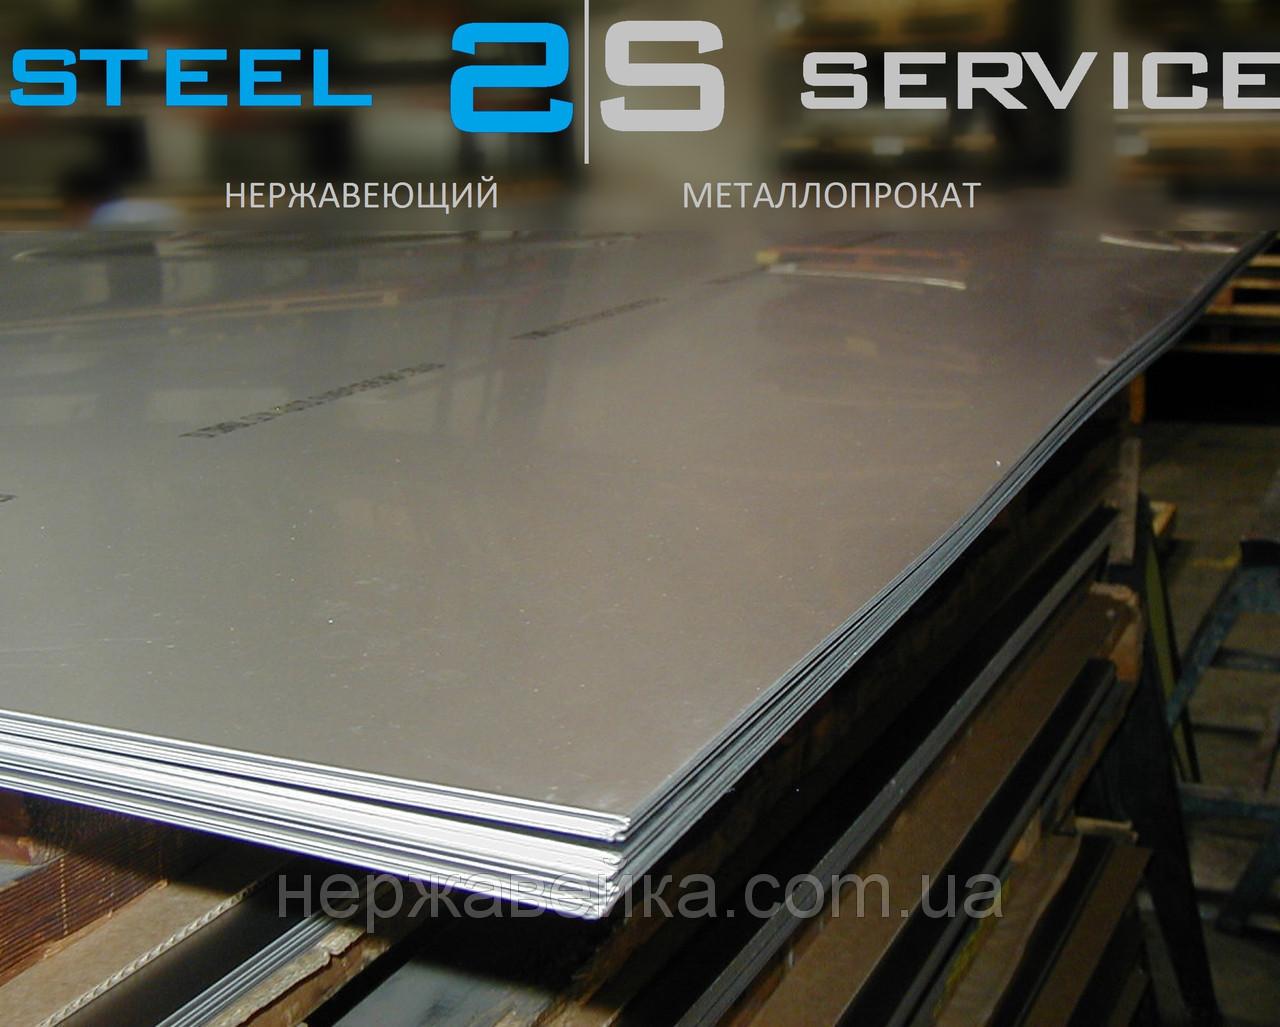 Листовая нержавейка 0,5х1250х2500мм AISI 316L(03Х17Н14М3) 4N - шлифованный,  кислотостойкий